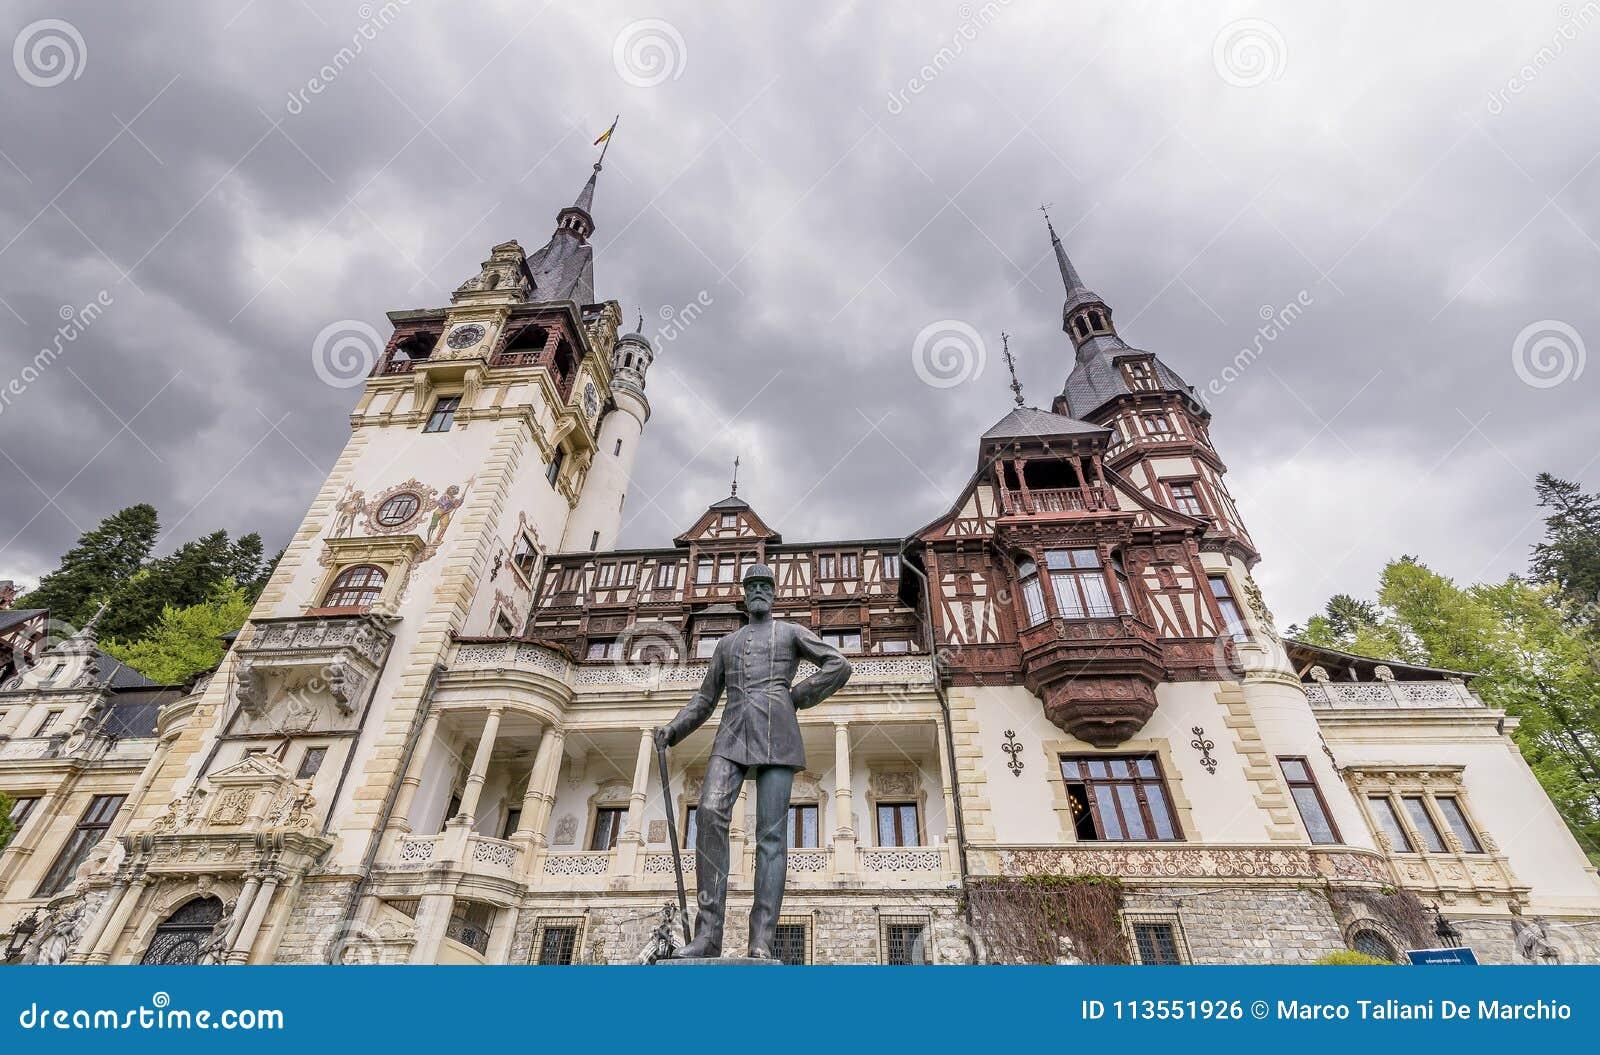 Statua Carol Najpierw Rumunia, Peles kasztel, Sinaia, Rumunia